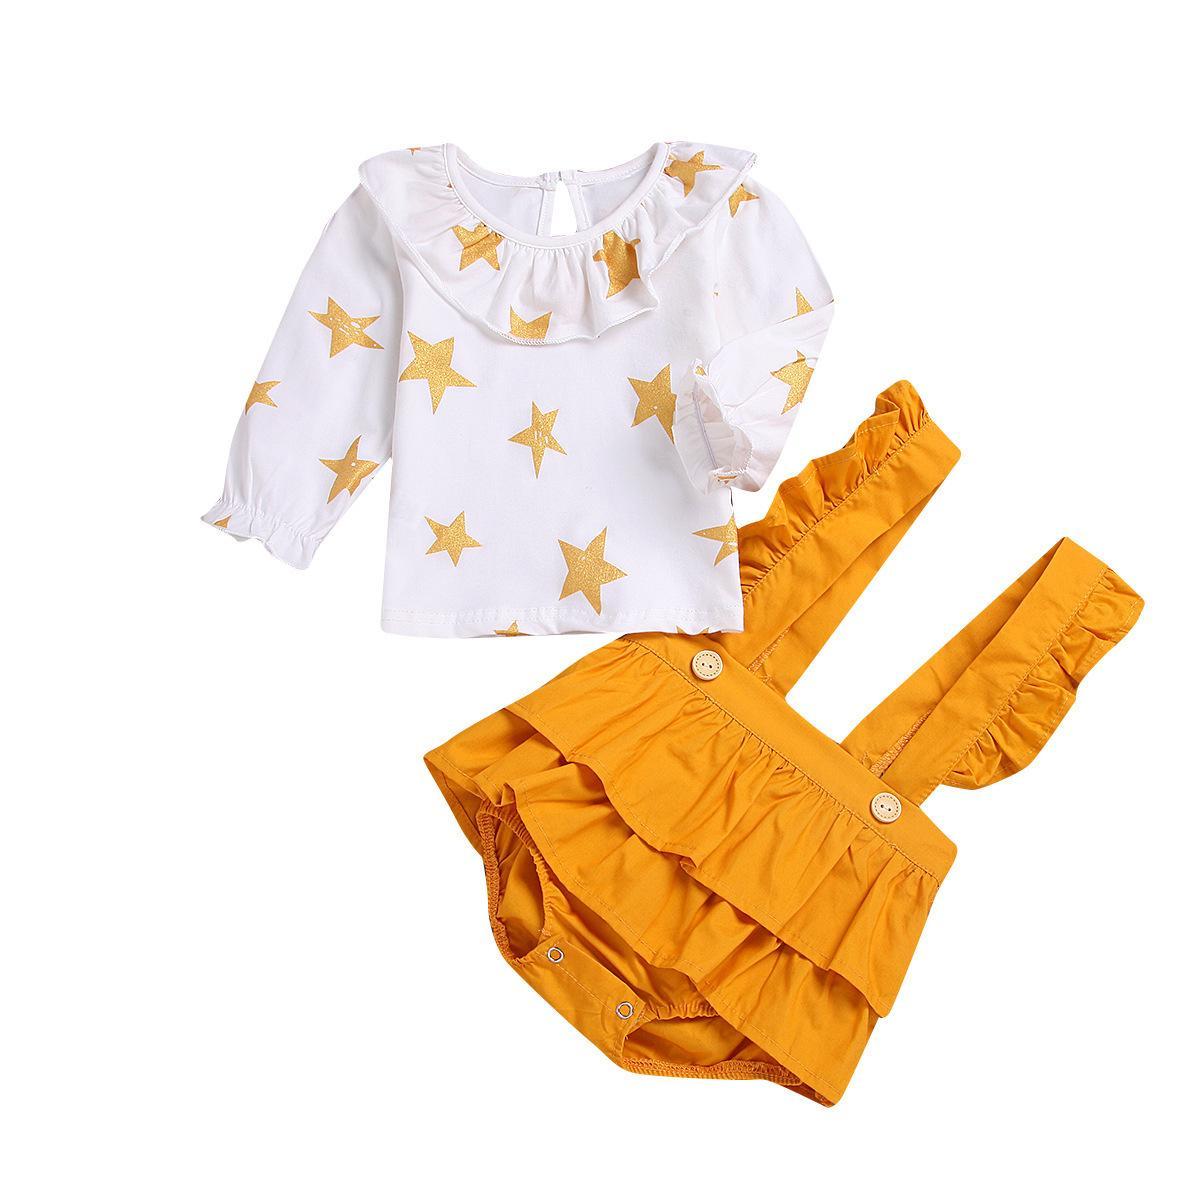 Vêtements pour bébé 2018 commerce extérieur européen et américain explosif pour enfant vêtements étoiles veste en or pentagonale, bretelles, jupes et pantalons deux s